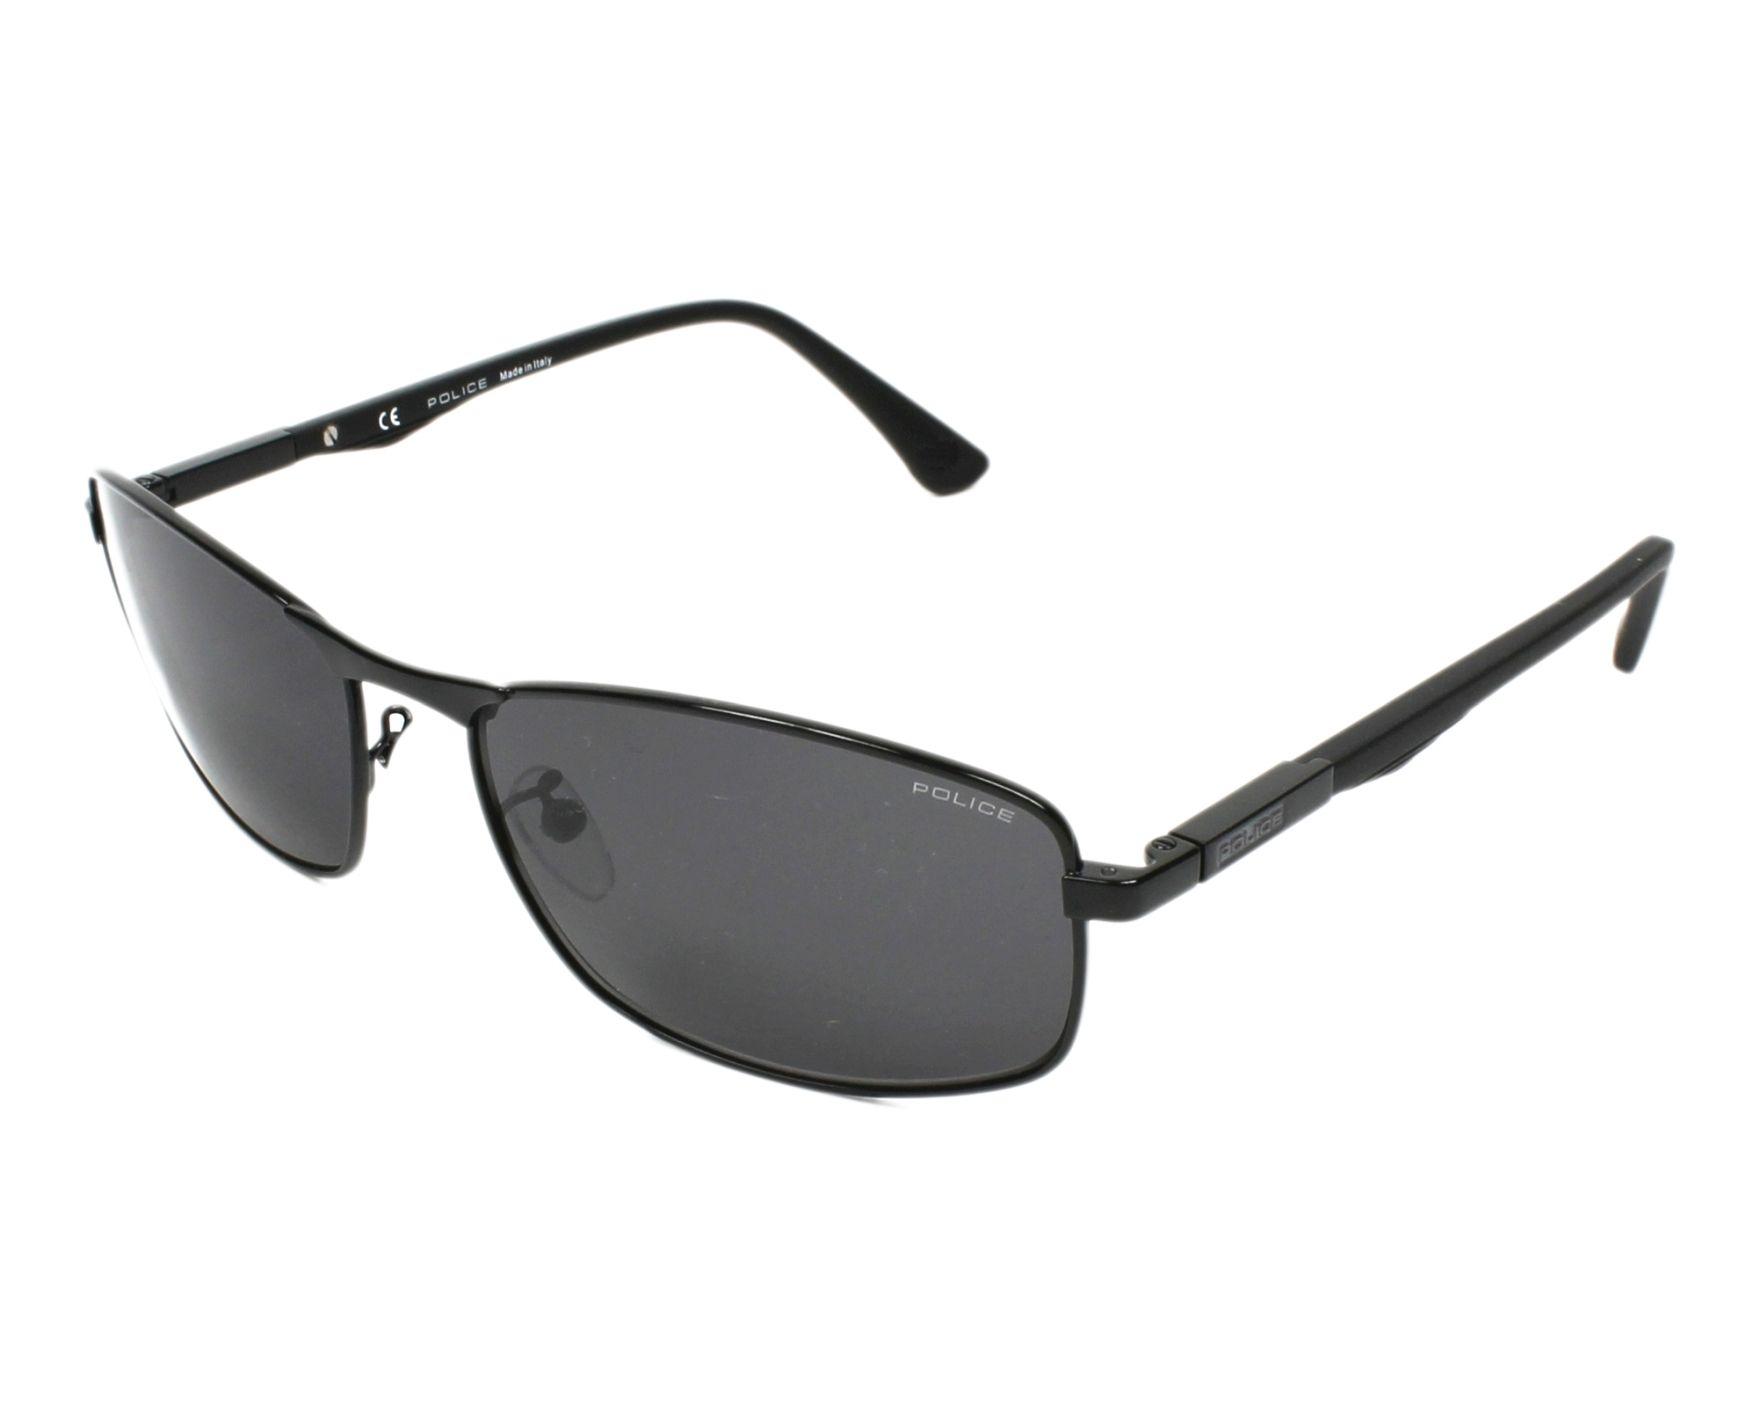 90a4a14b9f9 Sunglasses Police SPL-530 530 60-17 Black profile view